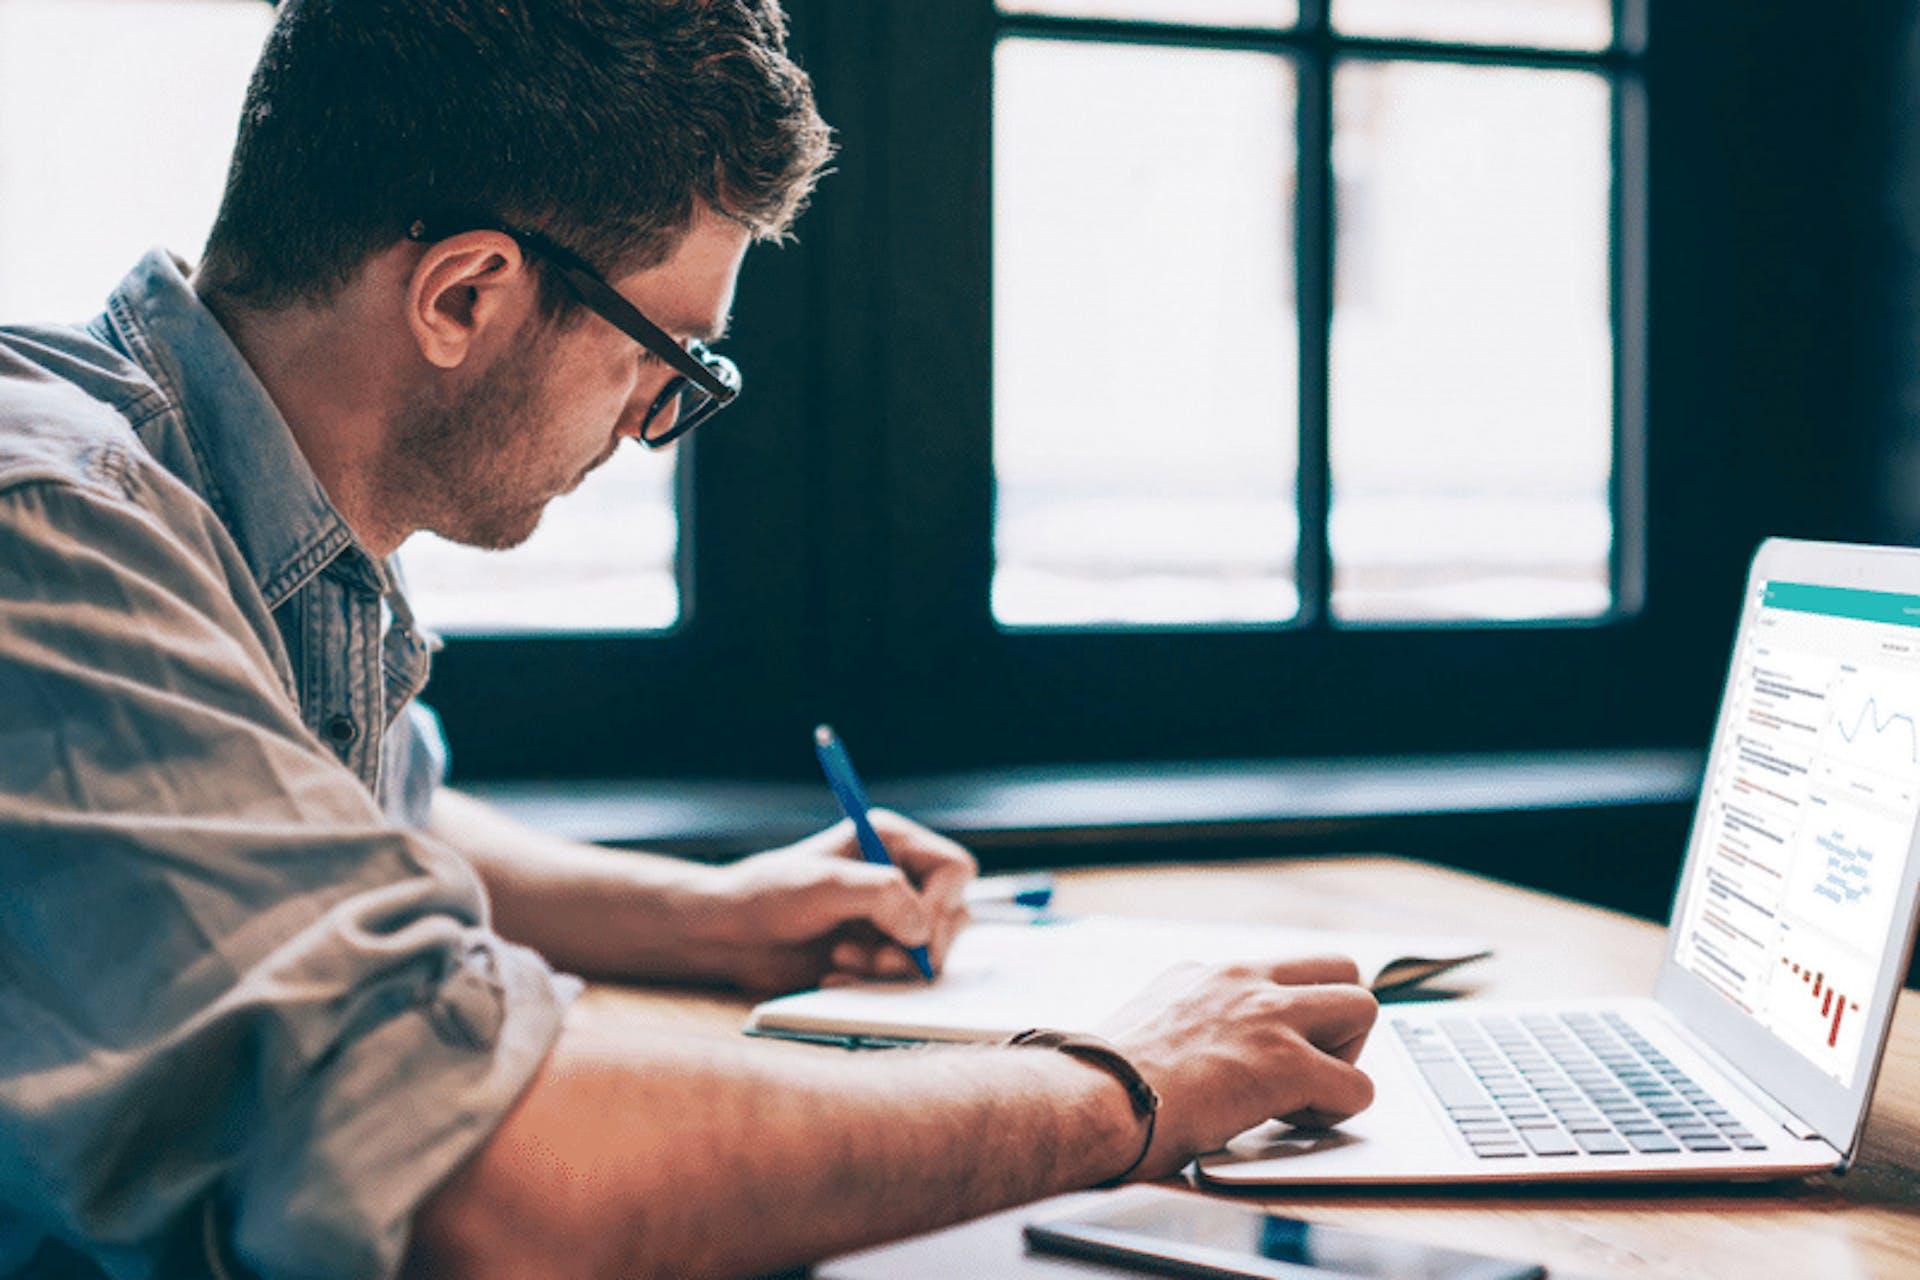 Man sieht einen jungen Mann mit Brille an seinem Schreibtisch sitzen. Er schreibt und arbeitet an seinem Laptop, auf dem die Meltwater PR Suite geöffnet ist. Dabei schaut er sich PR Reports an.